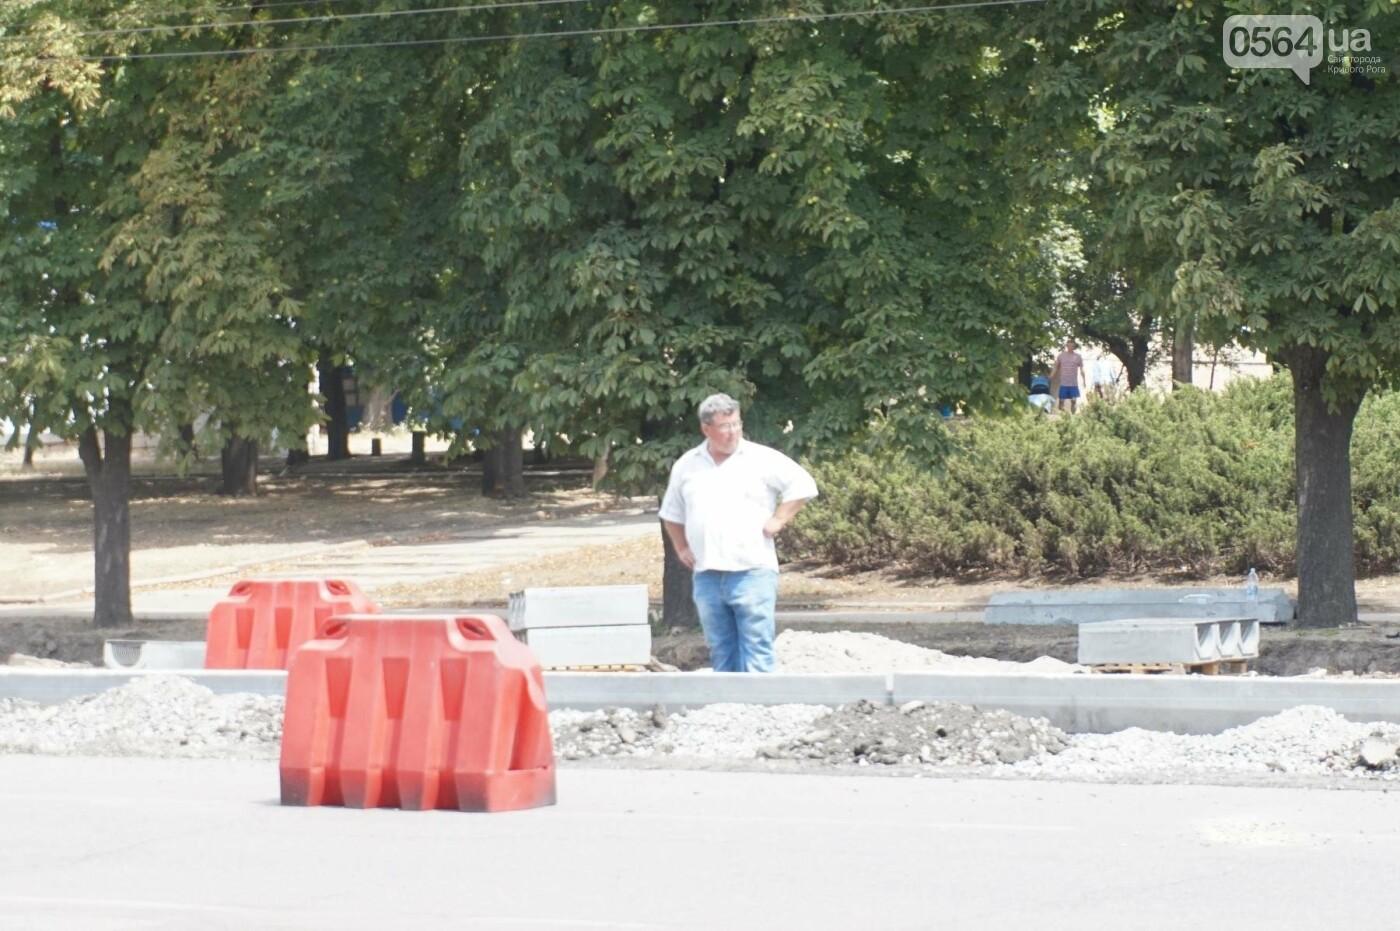 С сегодняшнего дня на центральном проспекте Кривого Рога отменены 3 остановки и запрещена парковка, - ФОТО, фото-16